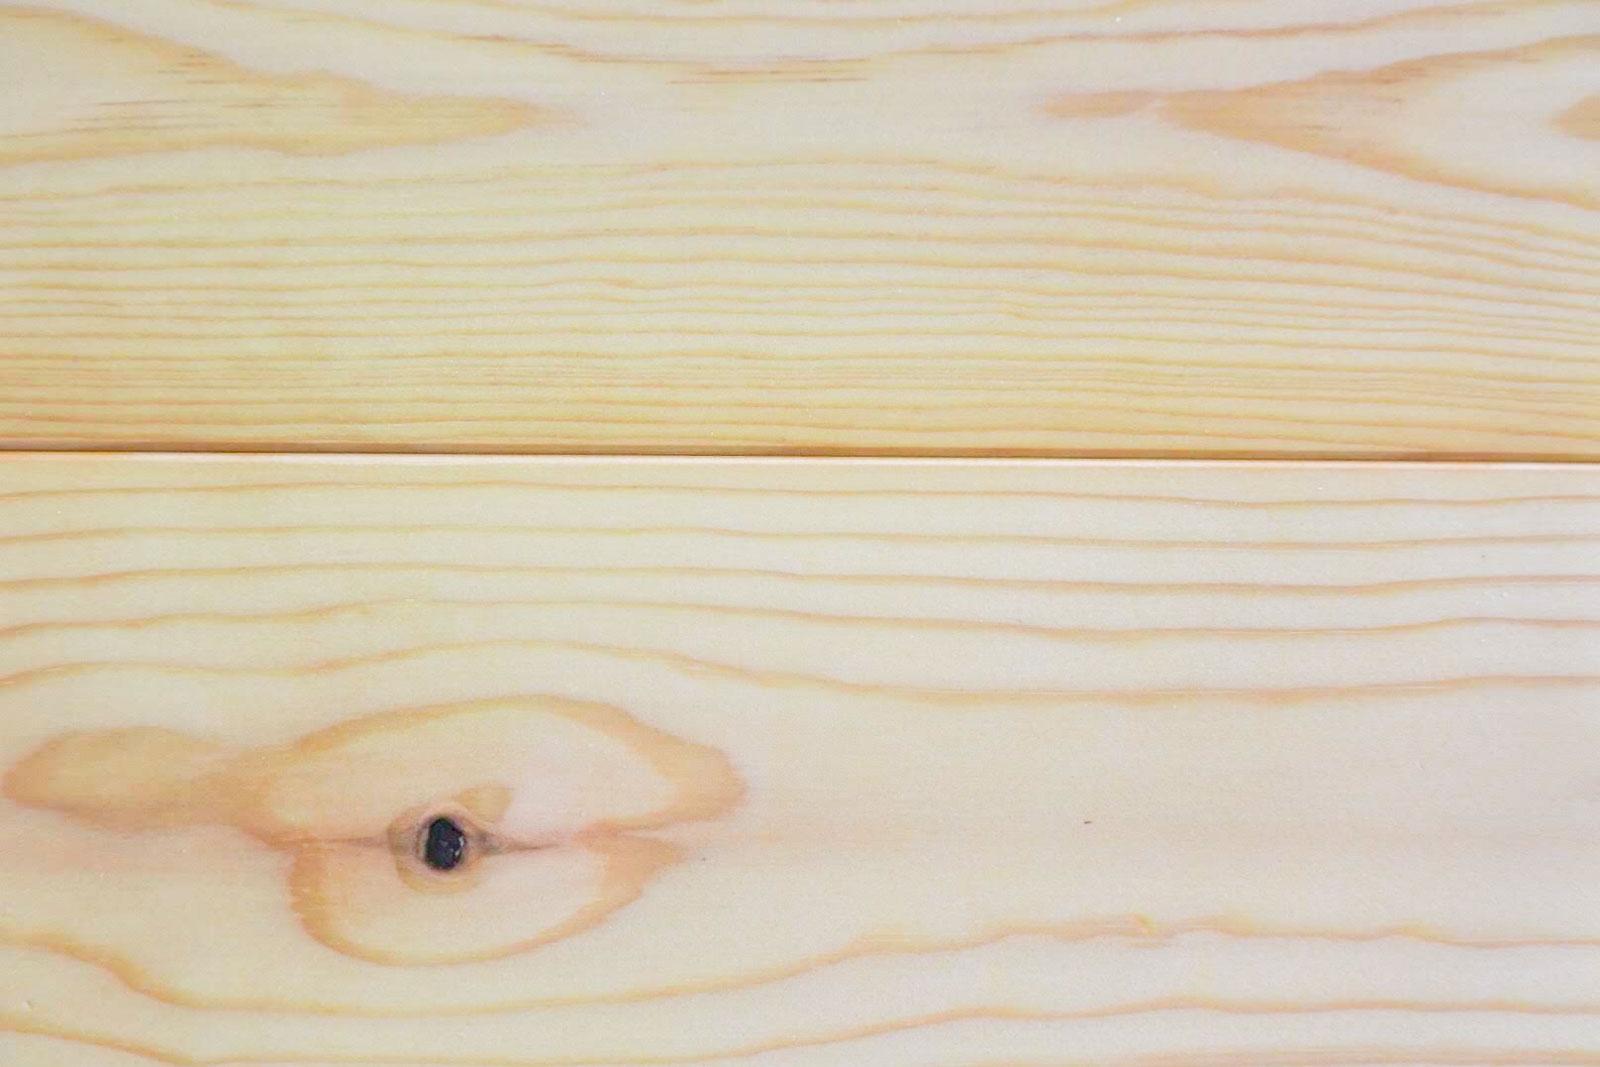 17-011 みすず松フローリング(M301)1束(8枚入り)  株式会社第三木材(長野県東御市)